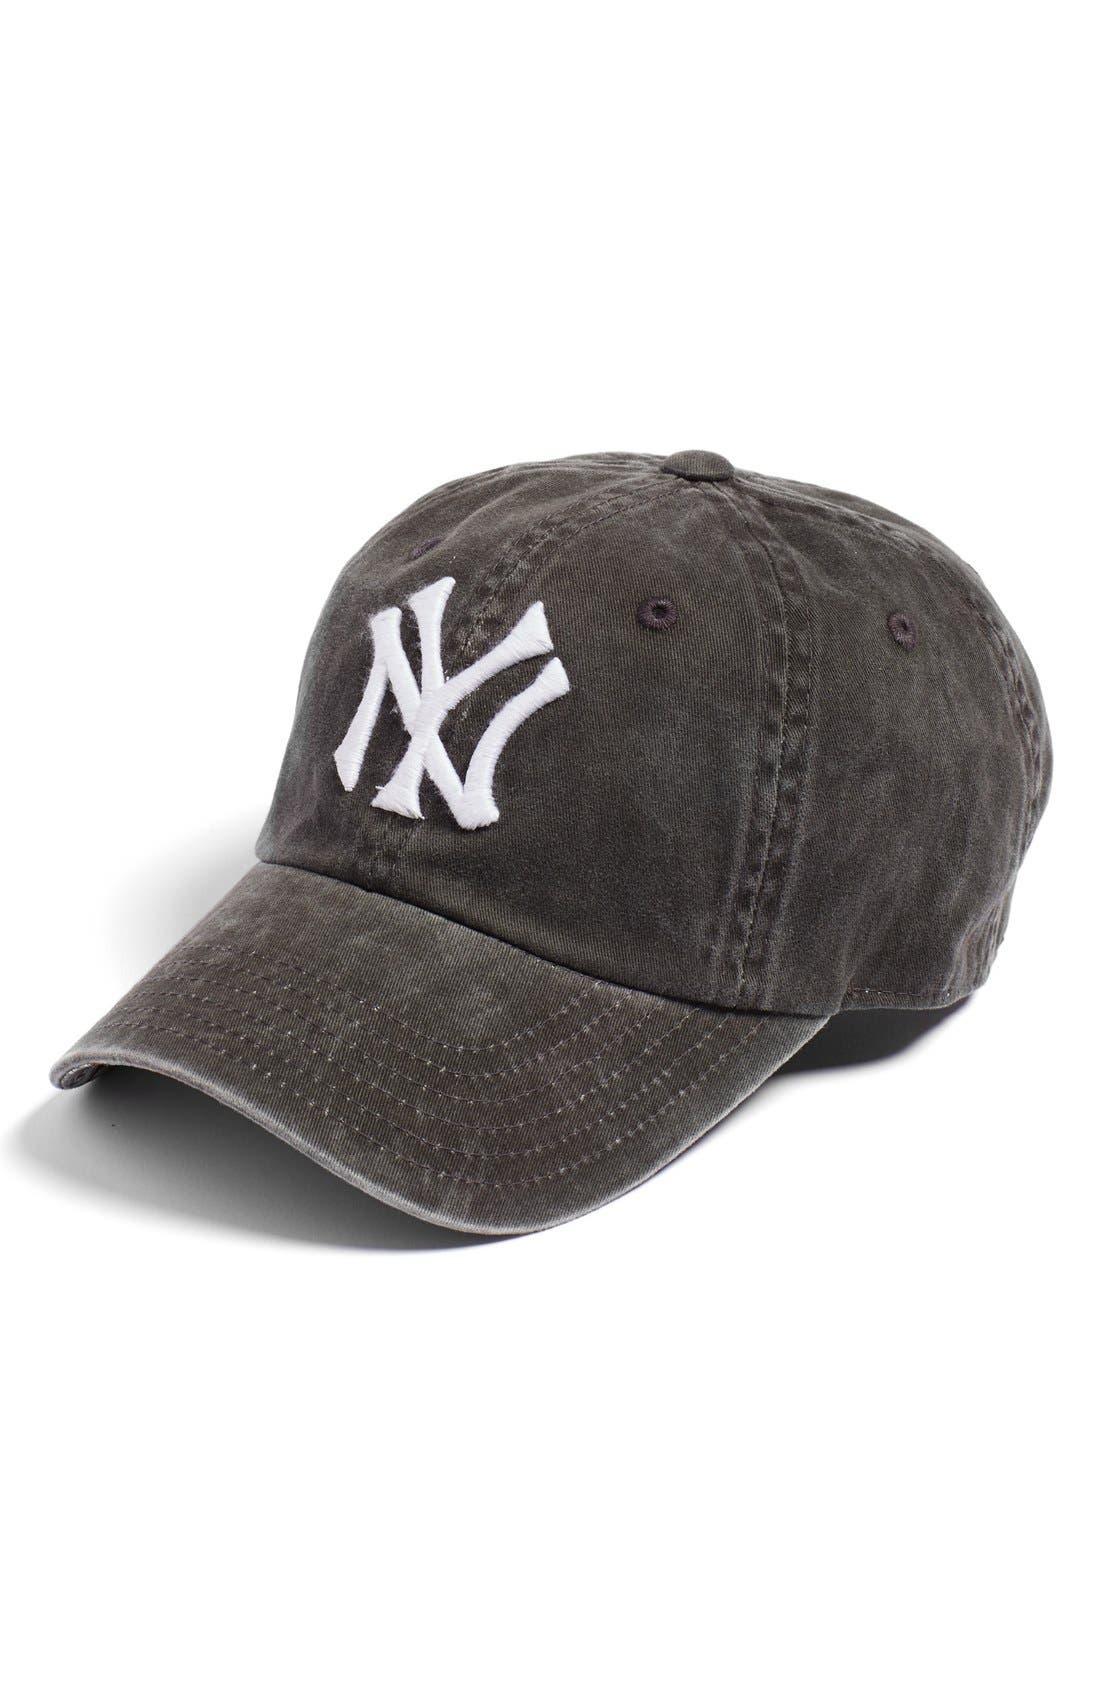 Alternate Image 1 Selected - American Needle New Raglan New York Yankees Baseball Cap